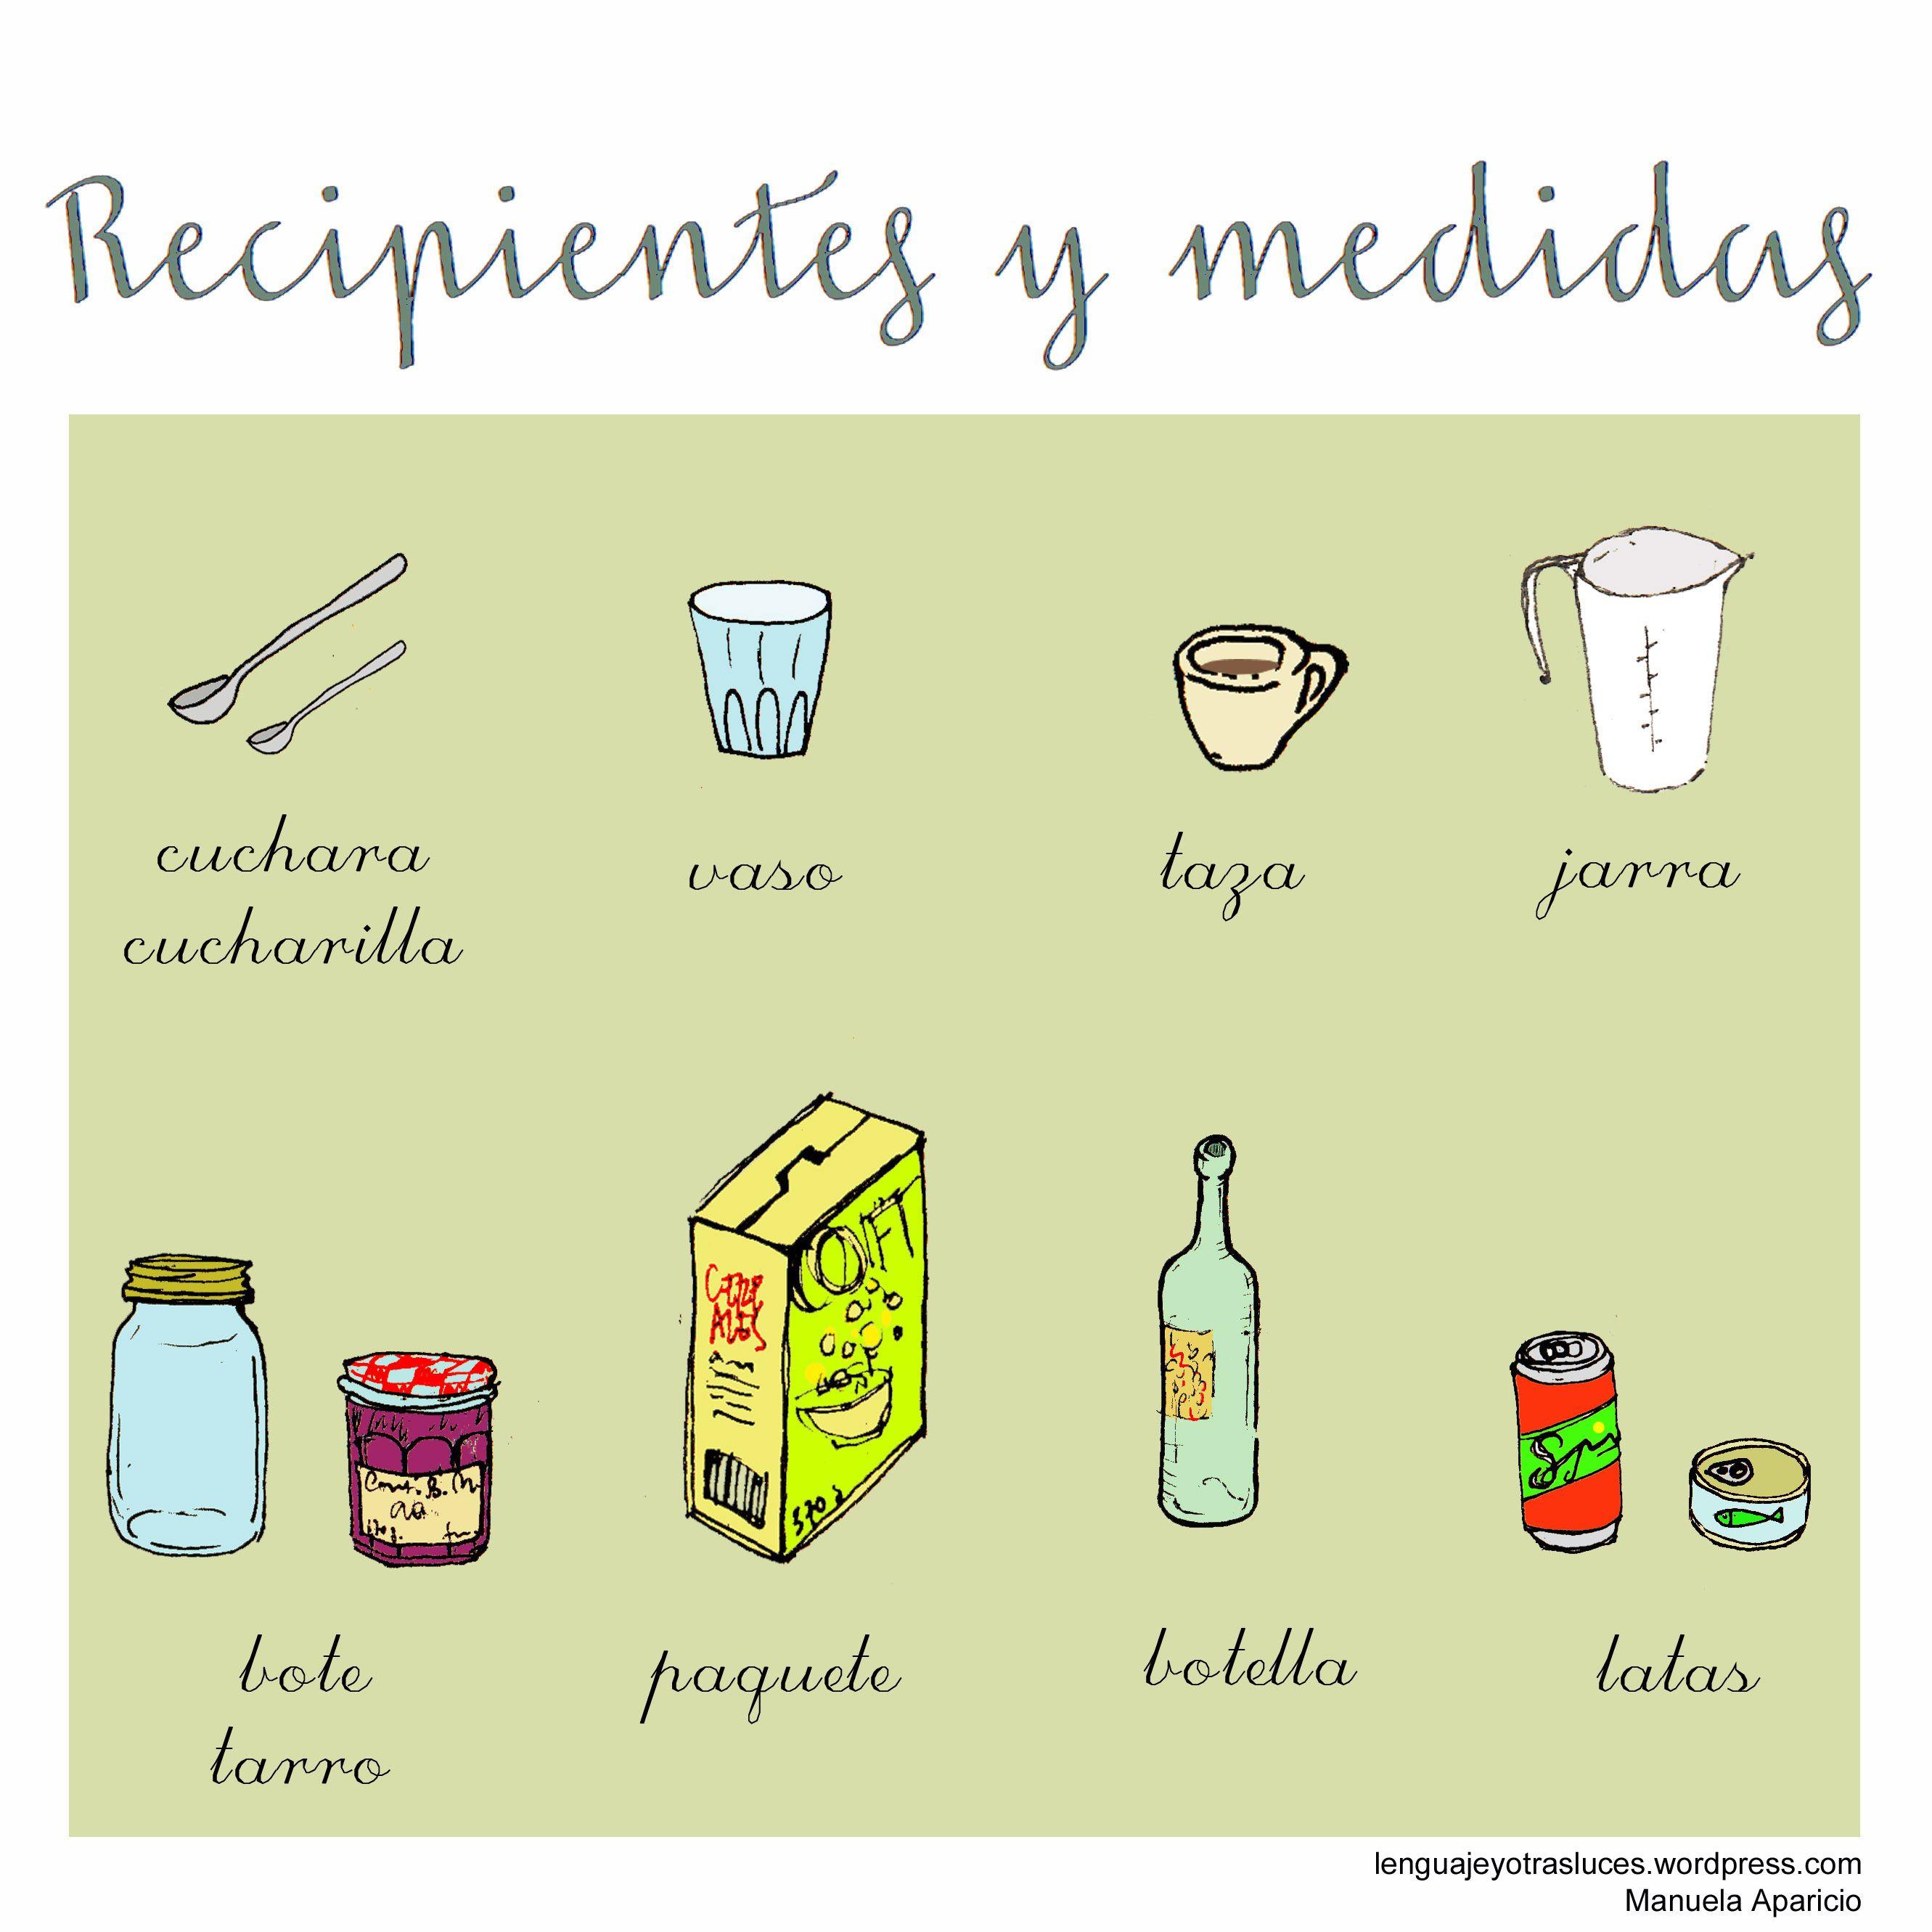 Utensilios Recipientes Y Medidas De Cocina